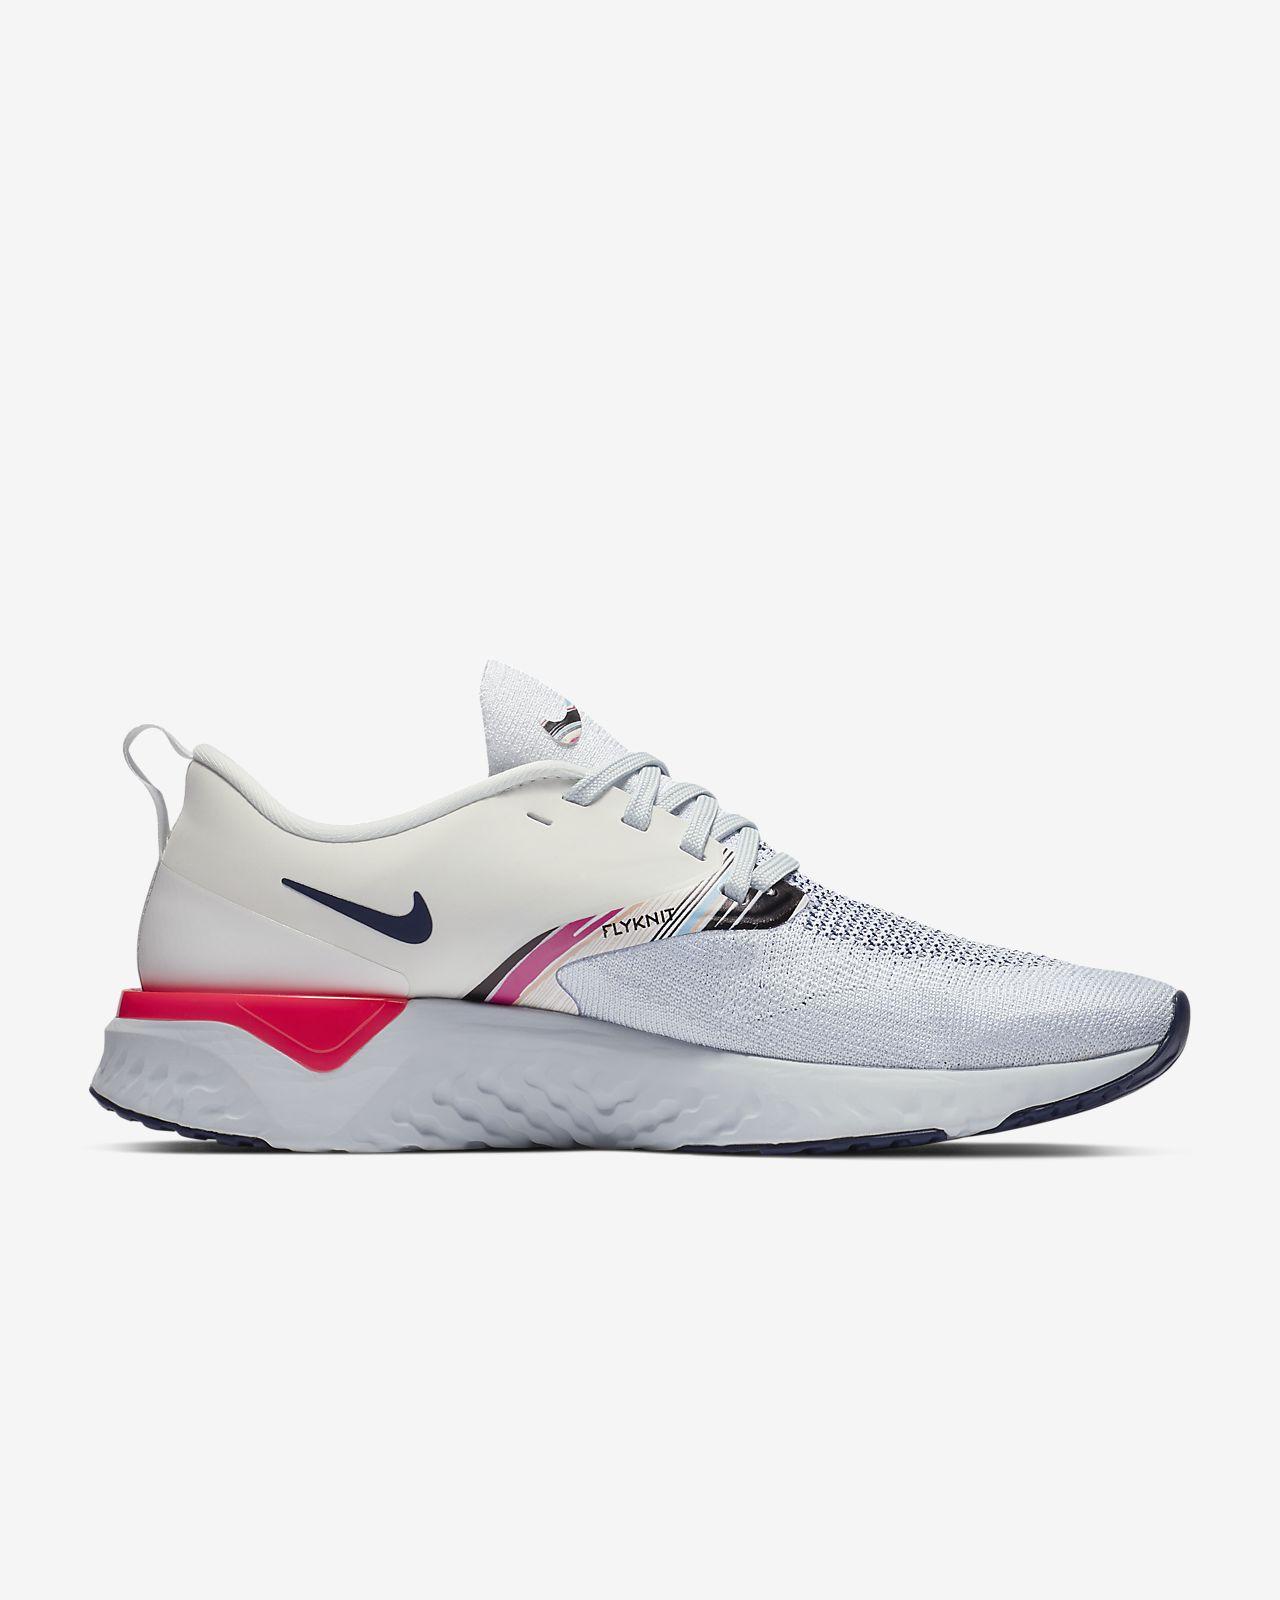 a81e049cb67c Nike Odyssey React Flyknit 2 Premium Women s Running Shoe. Nike.com